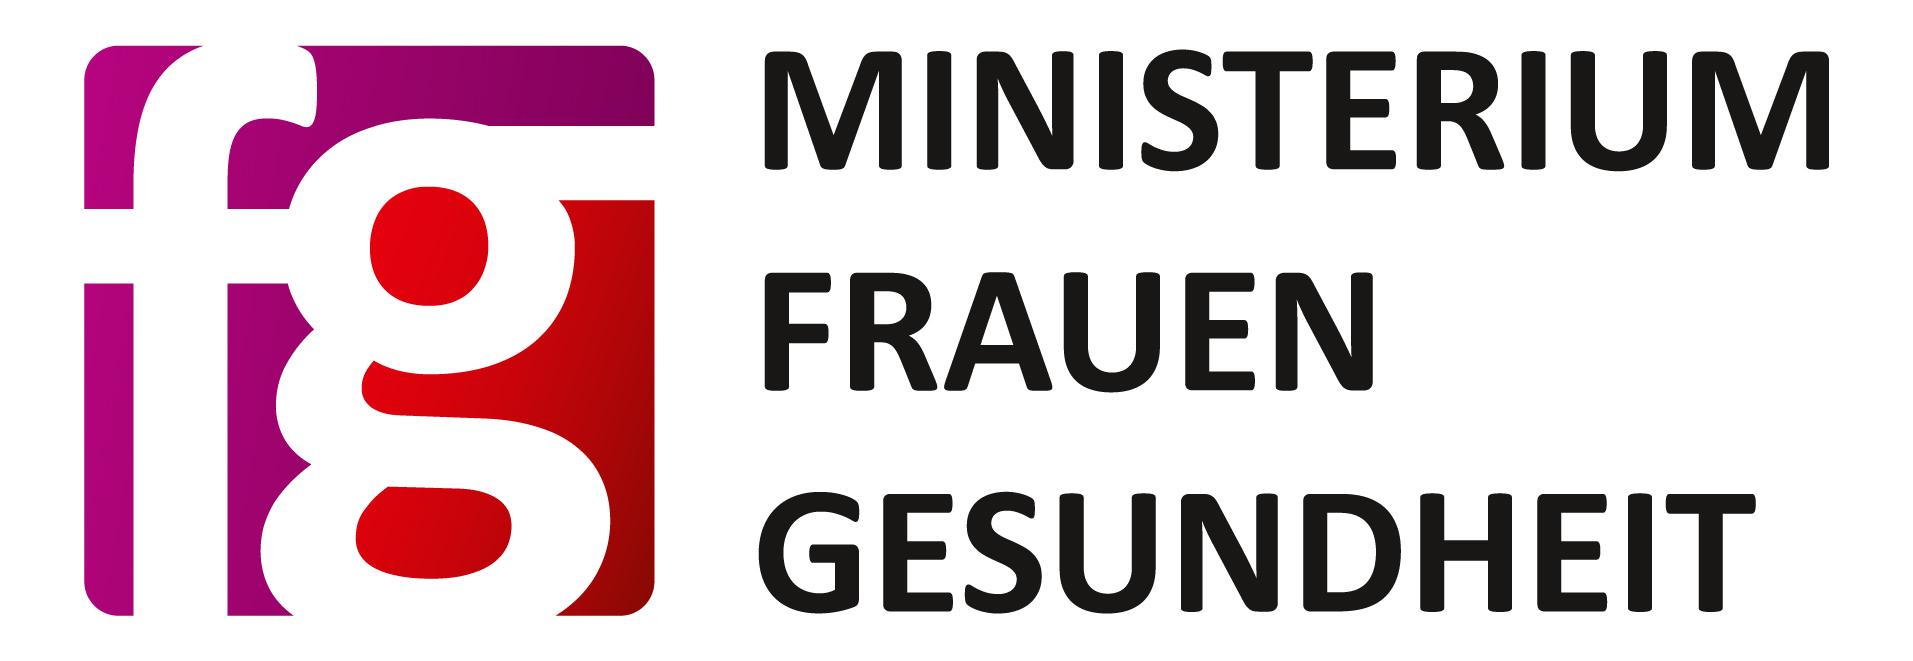 Ministerium für Frauen und Gesundheit Logo